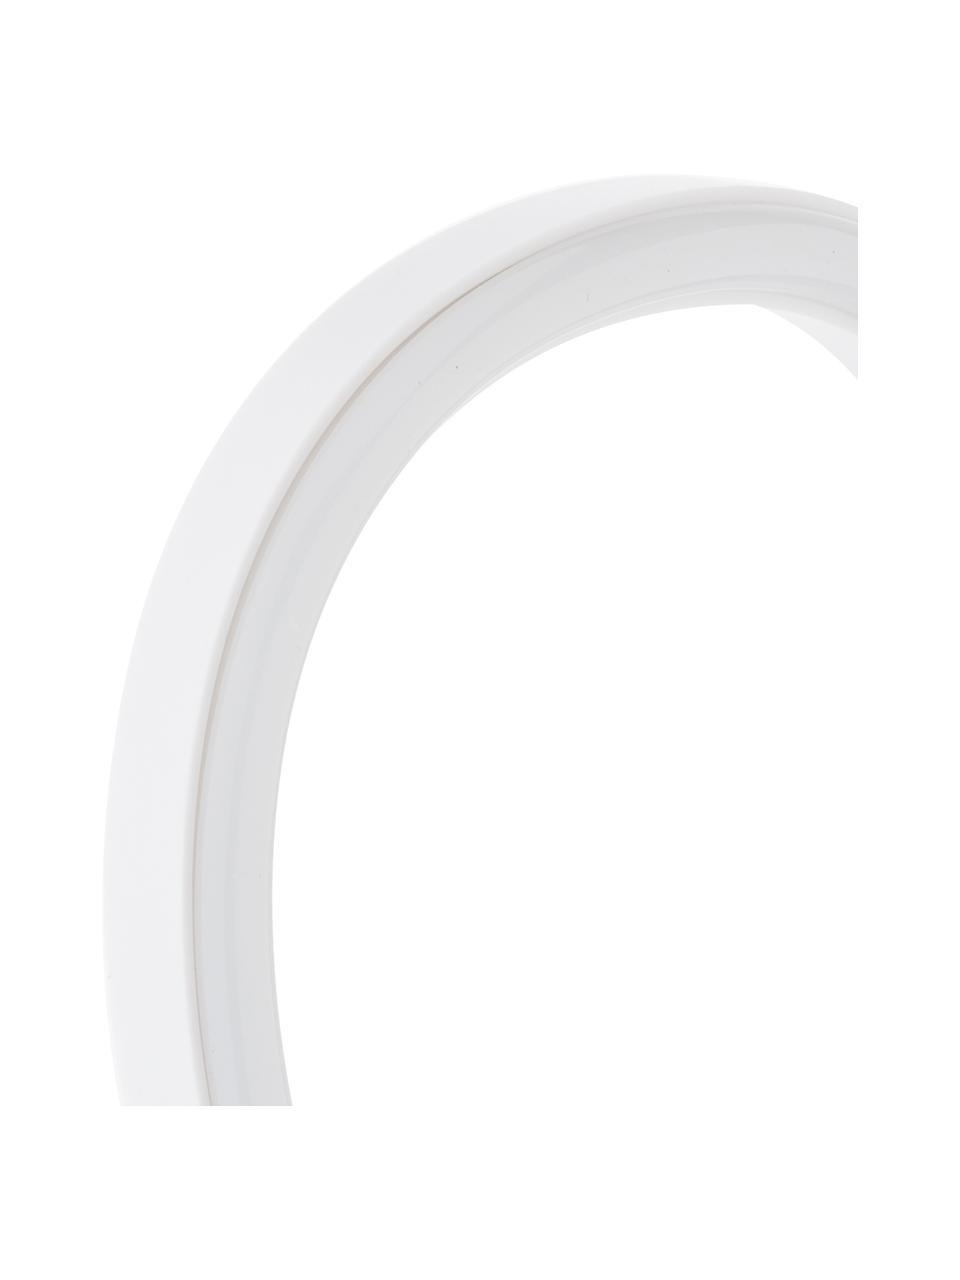 Wandleuchte Adri mit Stecker, Lichtfarbe: Gelb<br>Im ausgeschaltenen Zustand ist die LED-Leuchte Weiß, 30 x 29 cm